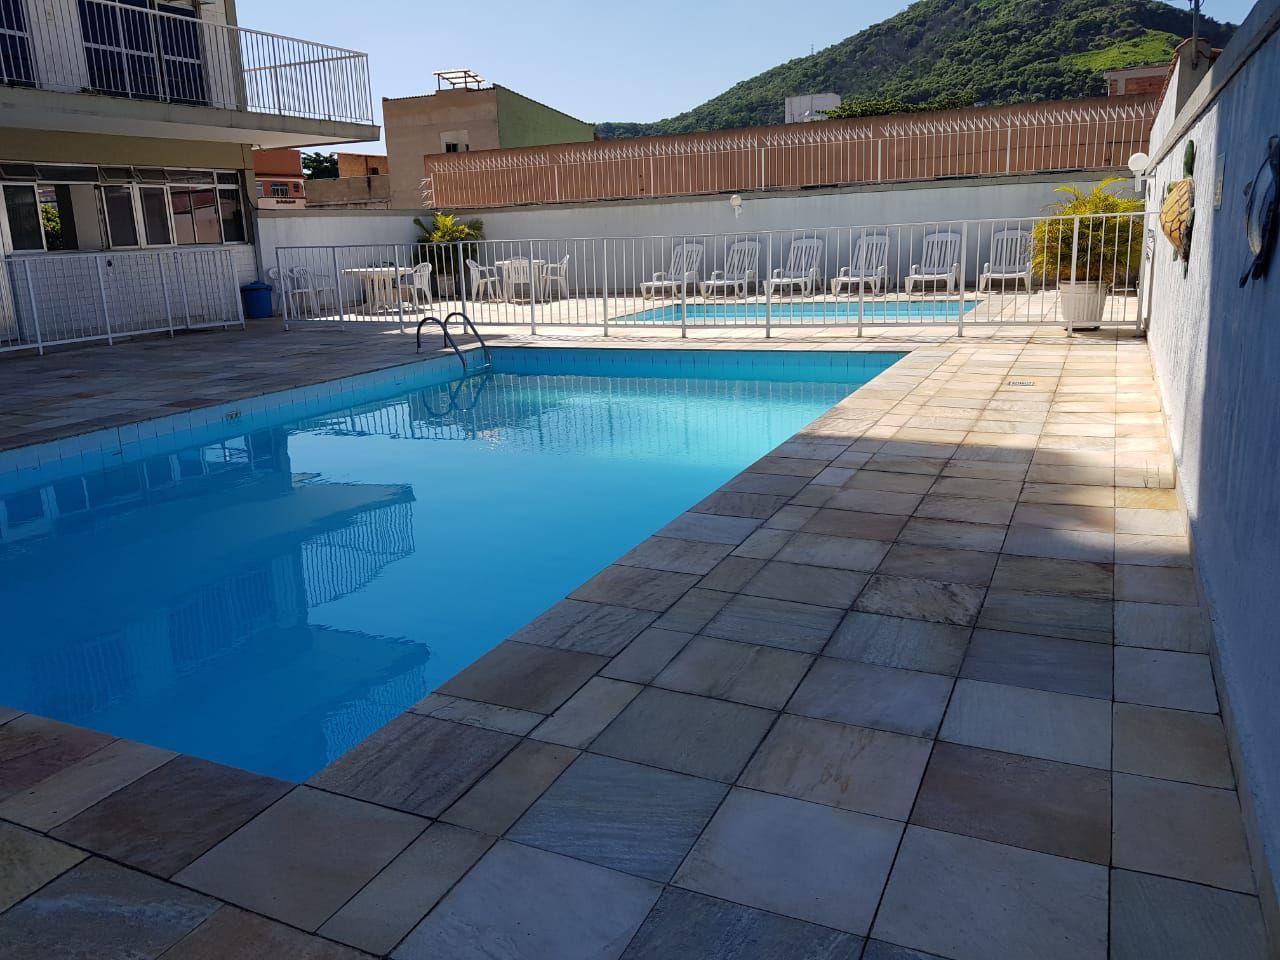 FOTO 22 - Apartamento à venda Rua Ana Teles,Campinho, Rio de Janeiro - R$ 350.000 - RF199 - 23